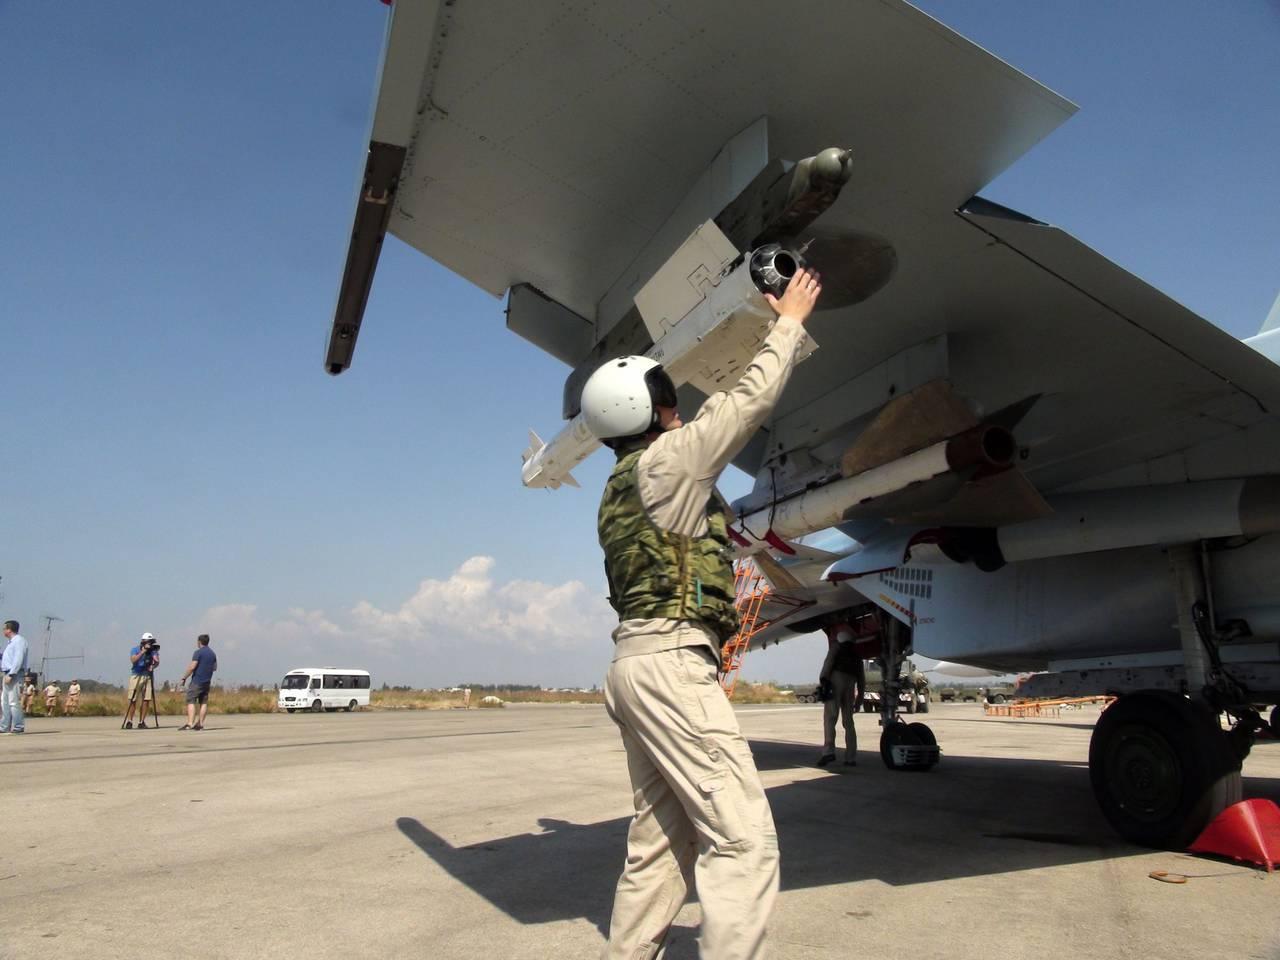 Российские СМИ уличили в обмане об использовании Путиным авиации в Сирии.